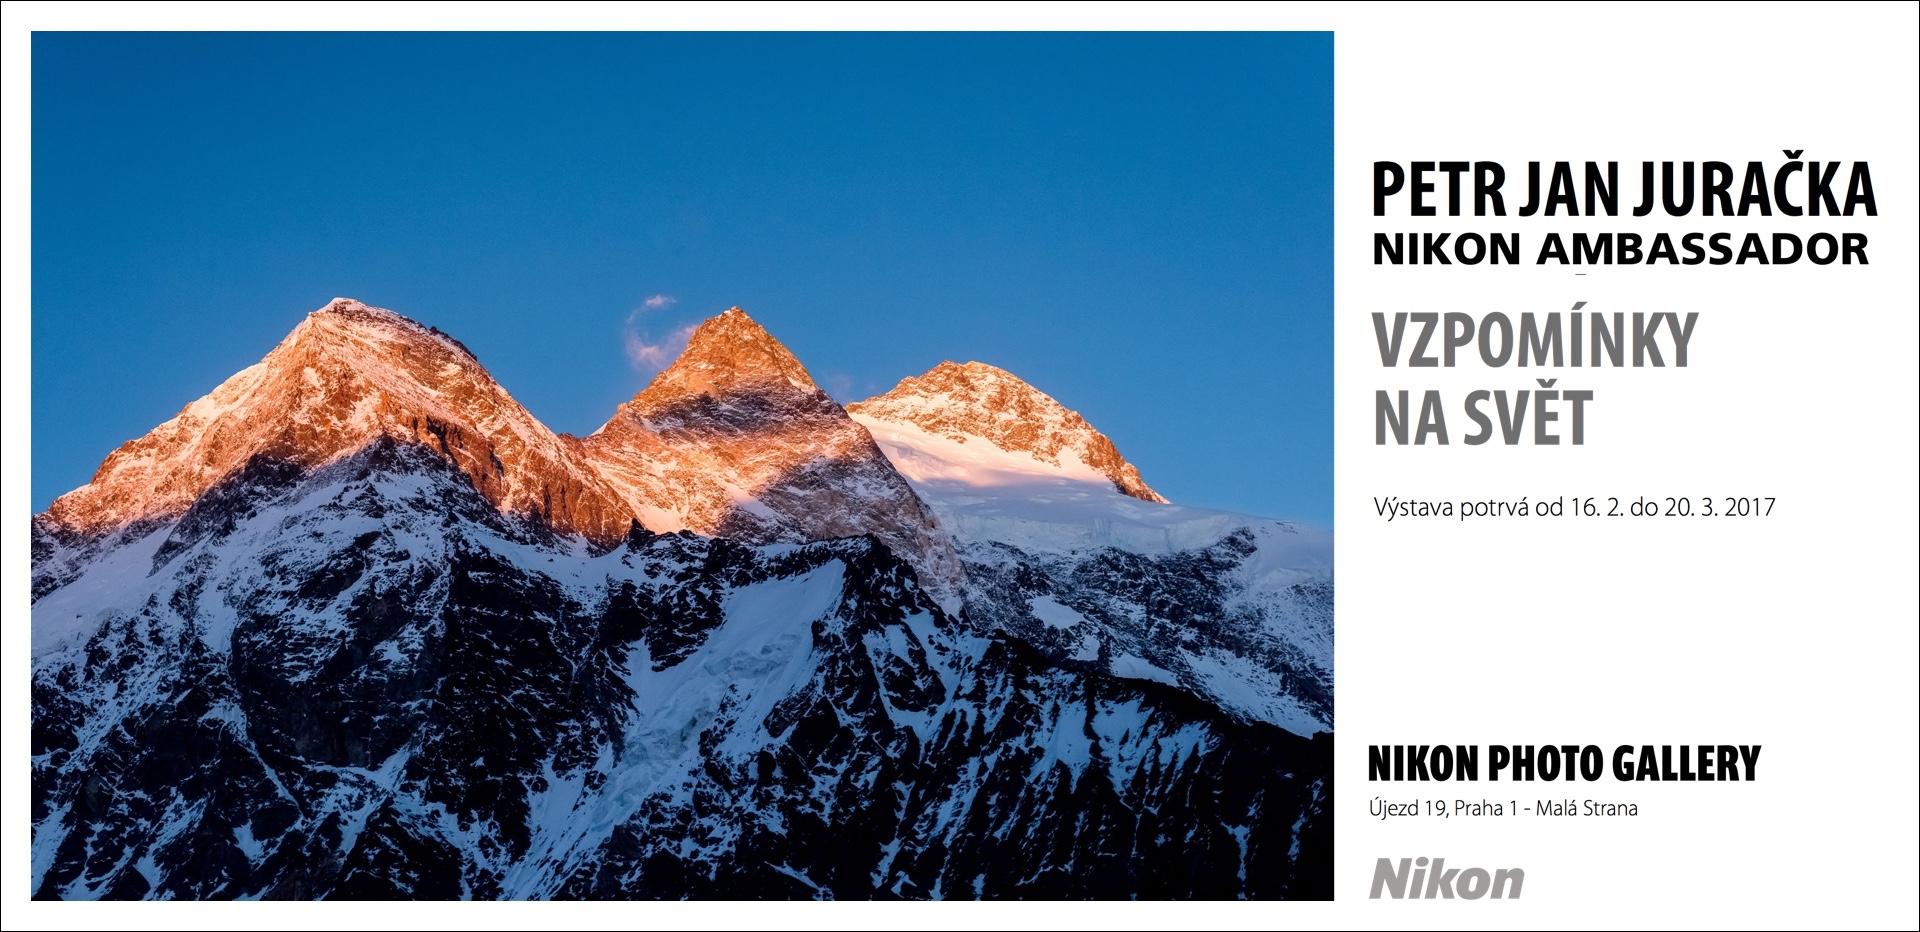 Vzpomínky na svět Petra Jana Juračky v Nikon Photo Gallery již od čtvrtka